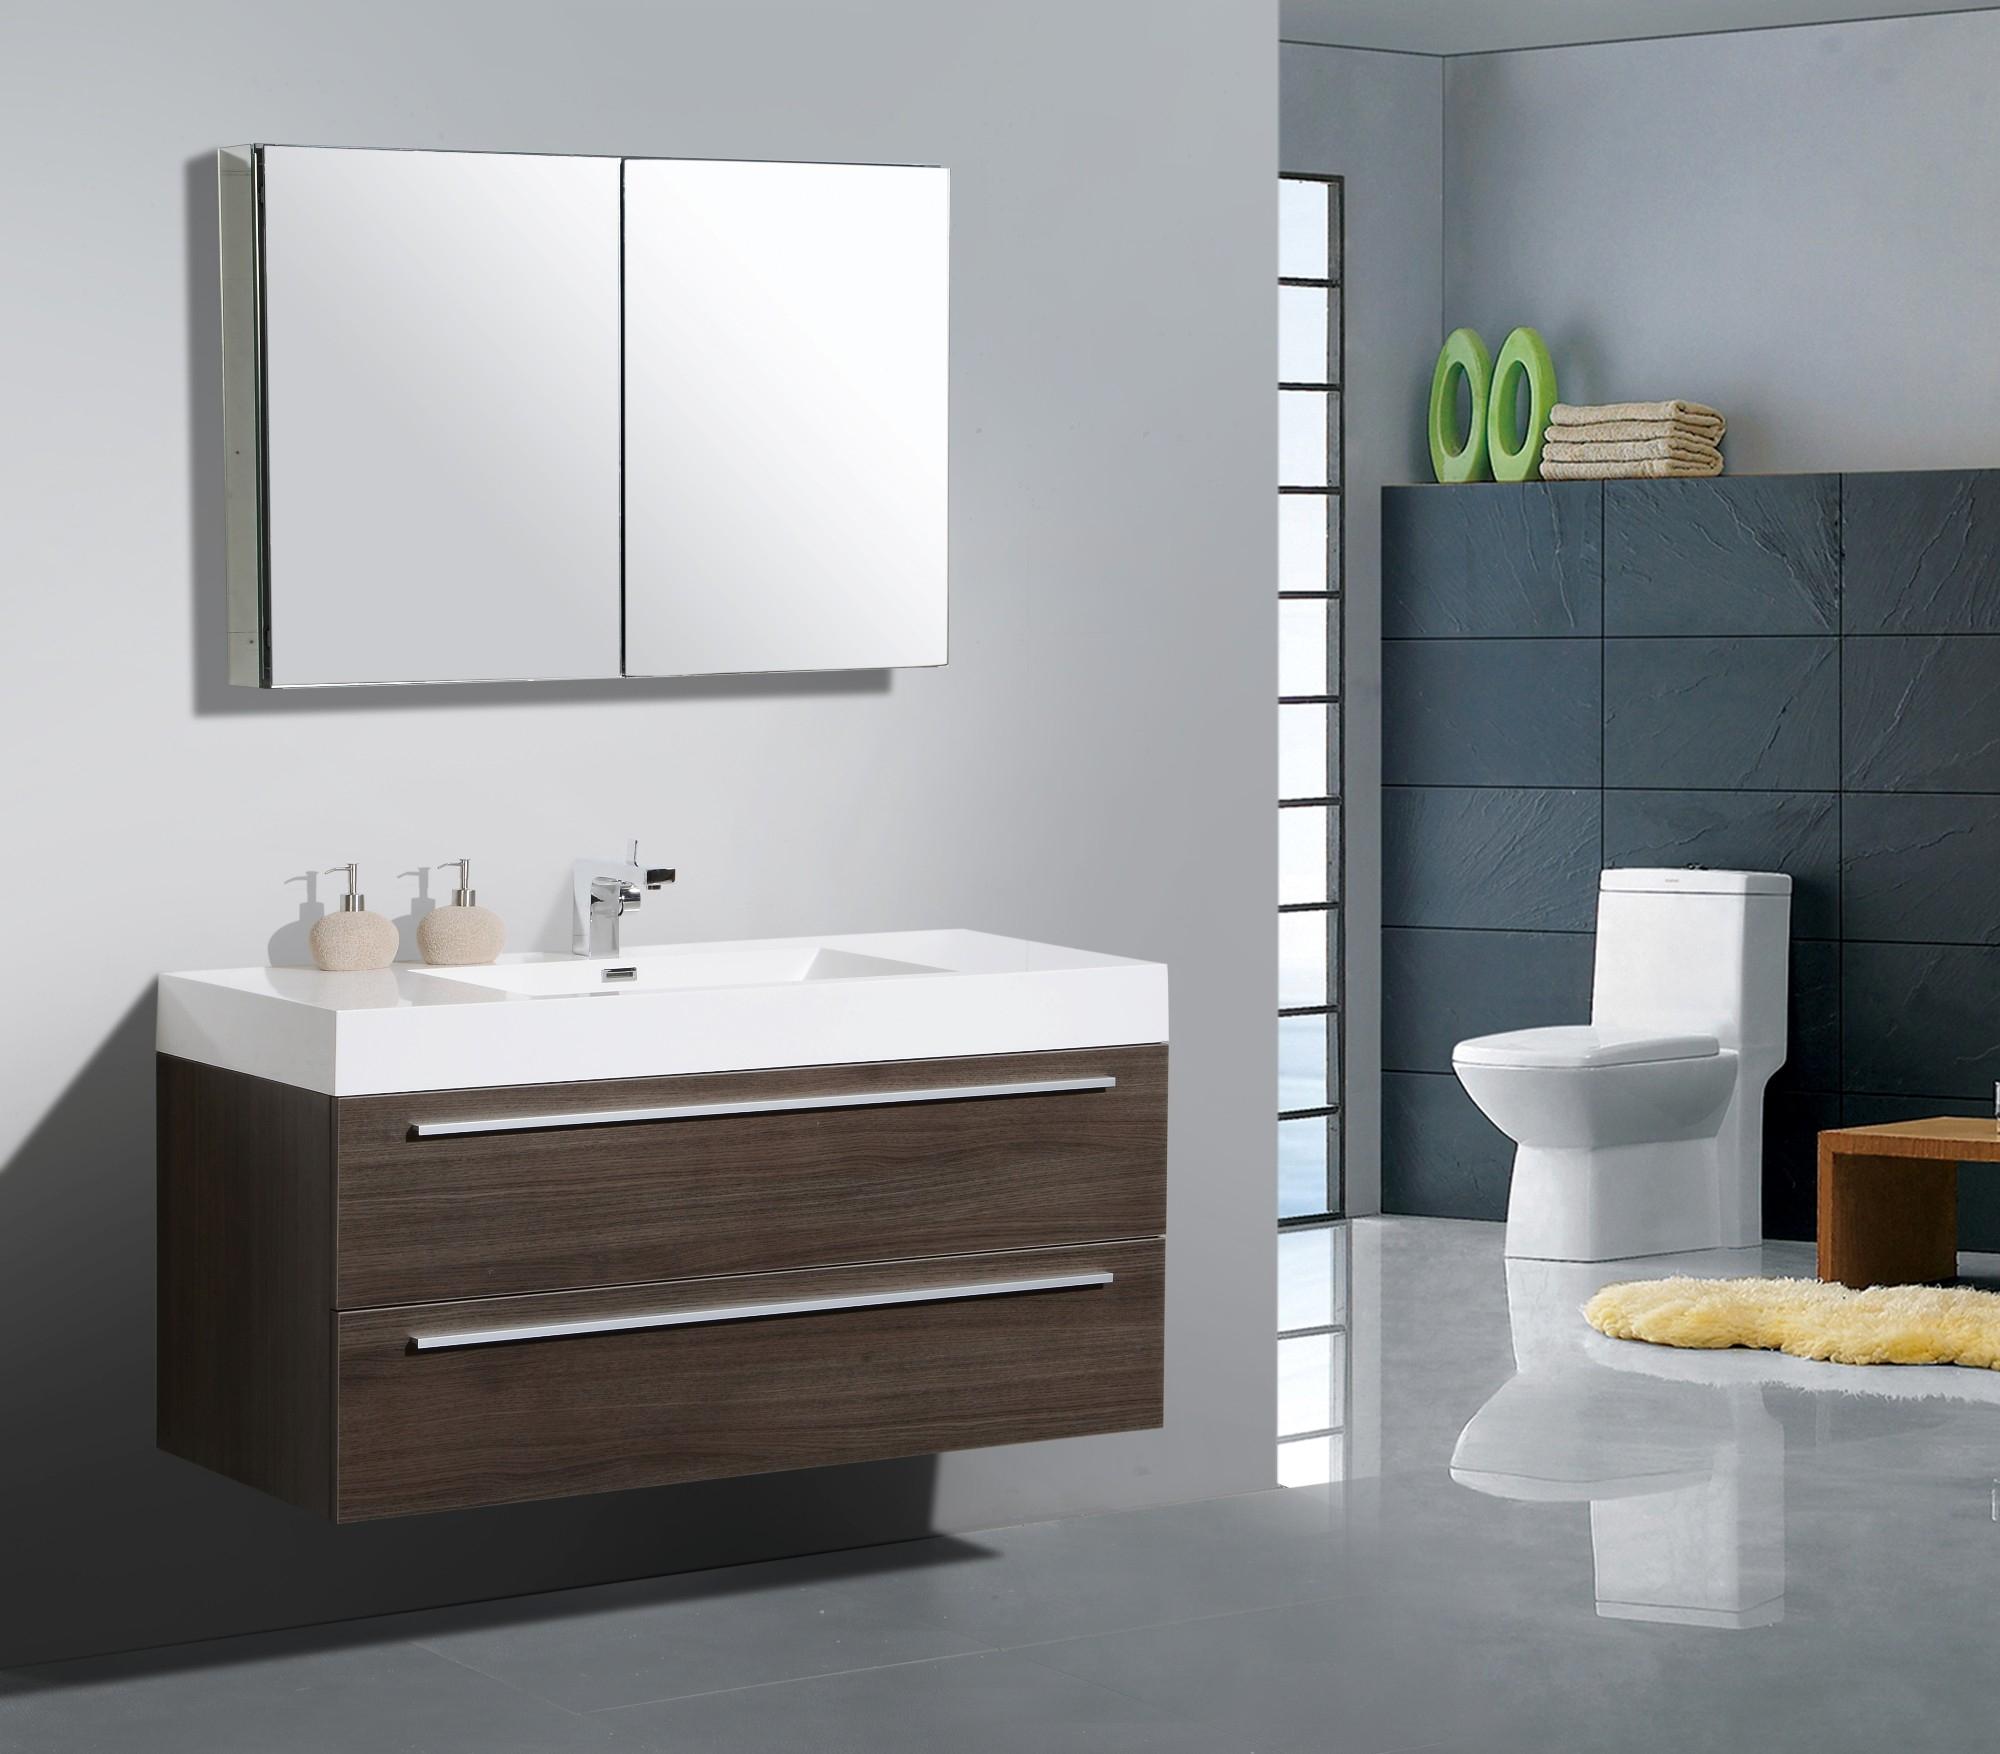 Bathroom Remodeling Fort Lauderdale Fl Bathroom Designs Bathroom Remodel Cost